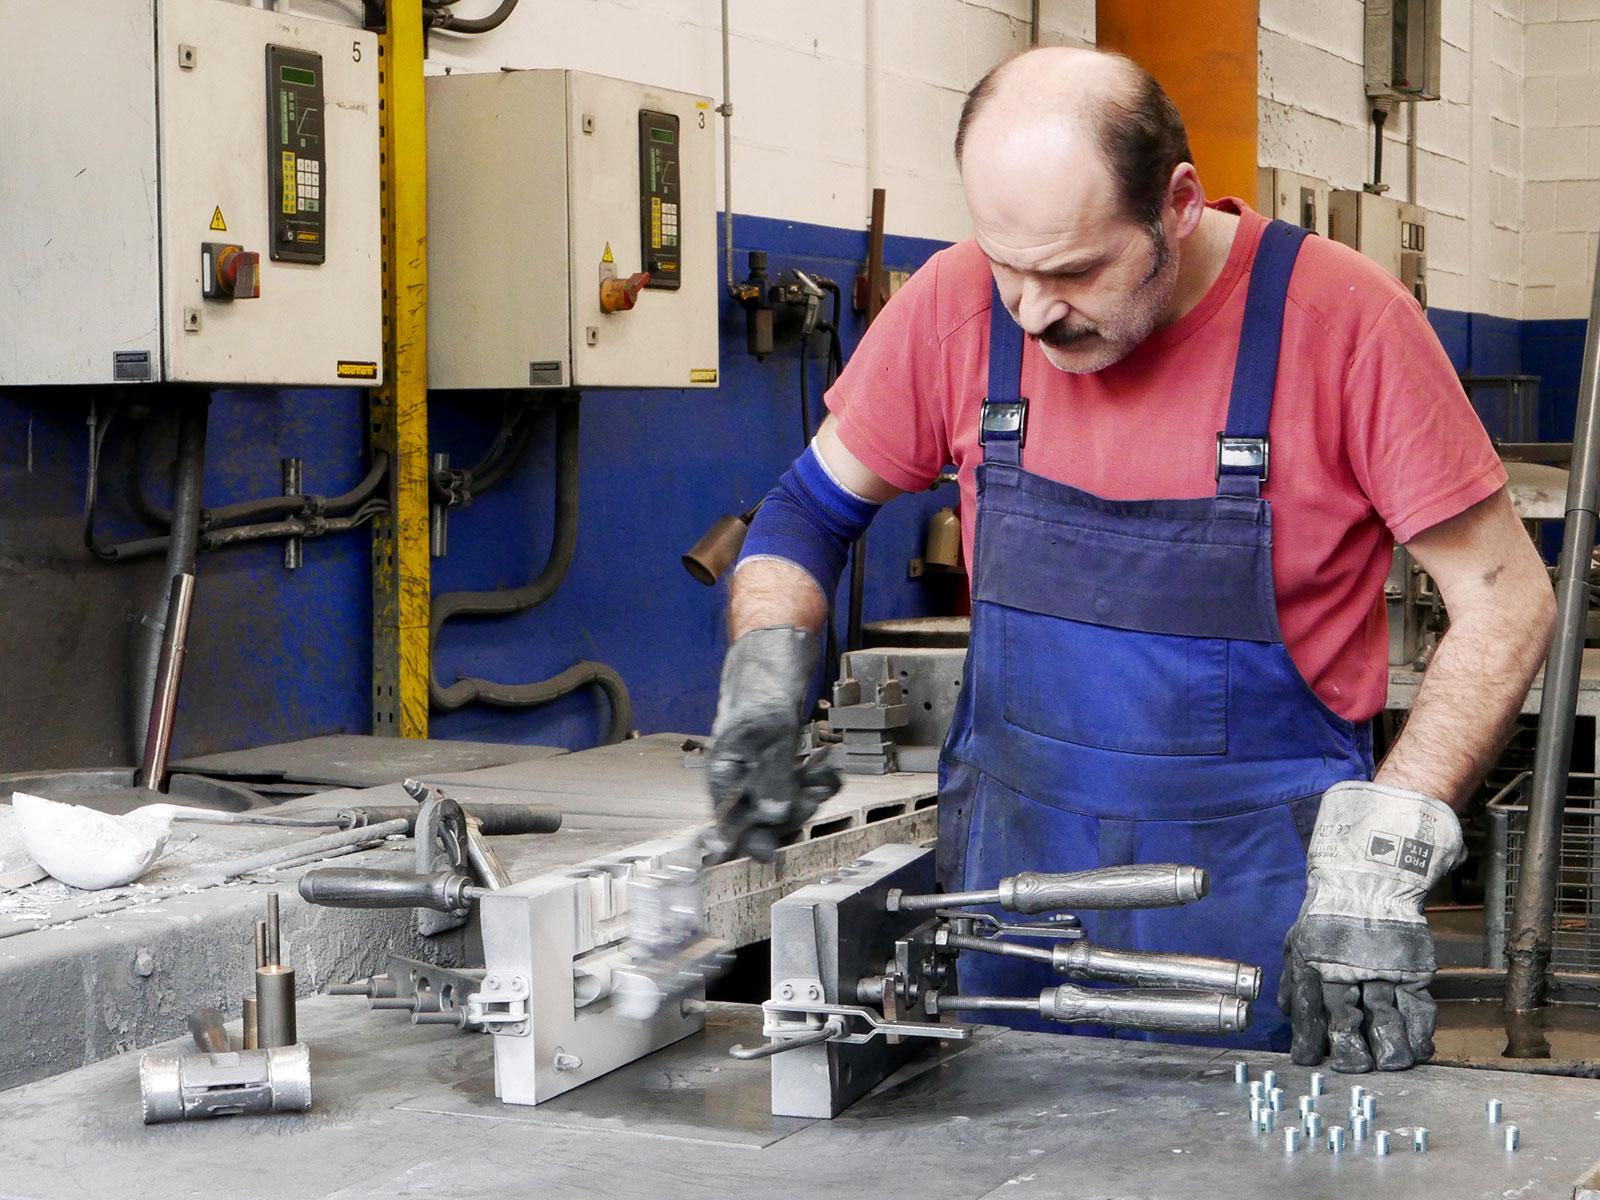 Aluminiumguss in Aluminiumgießerei, Arbeiter an Alugussform